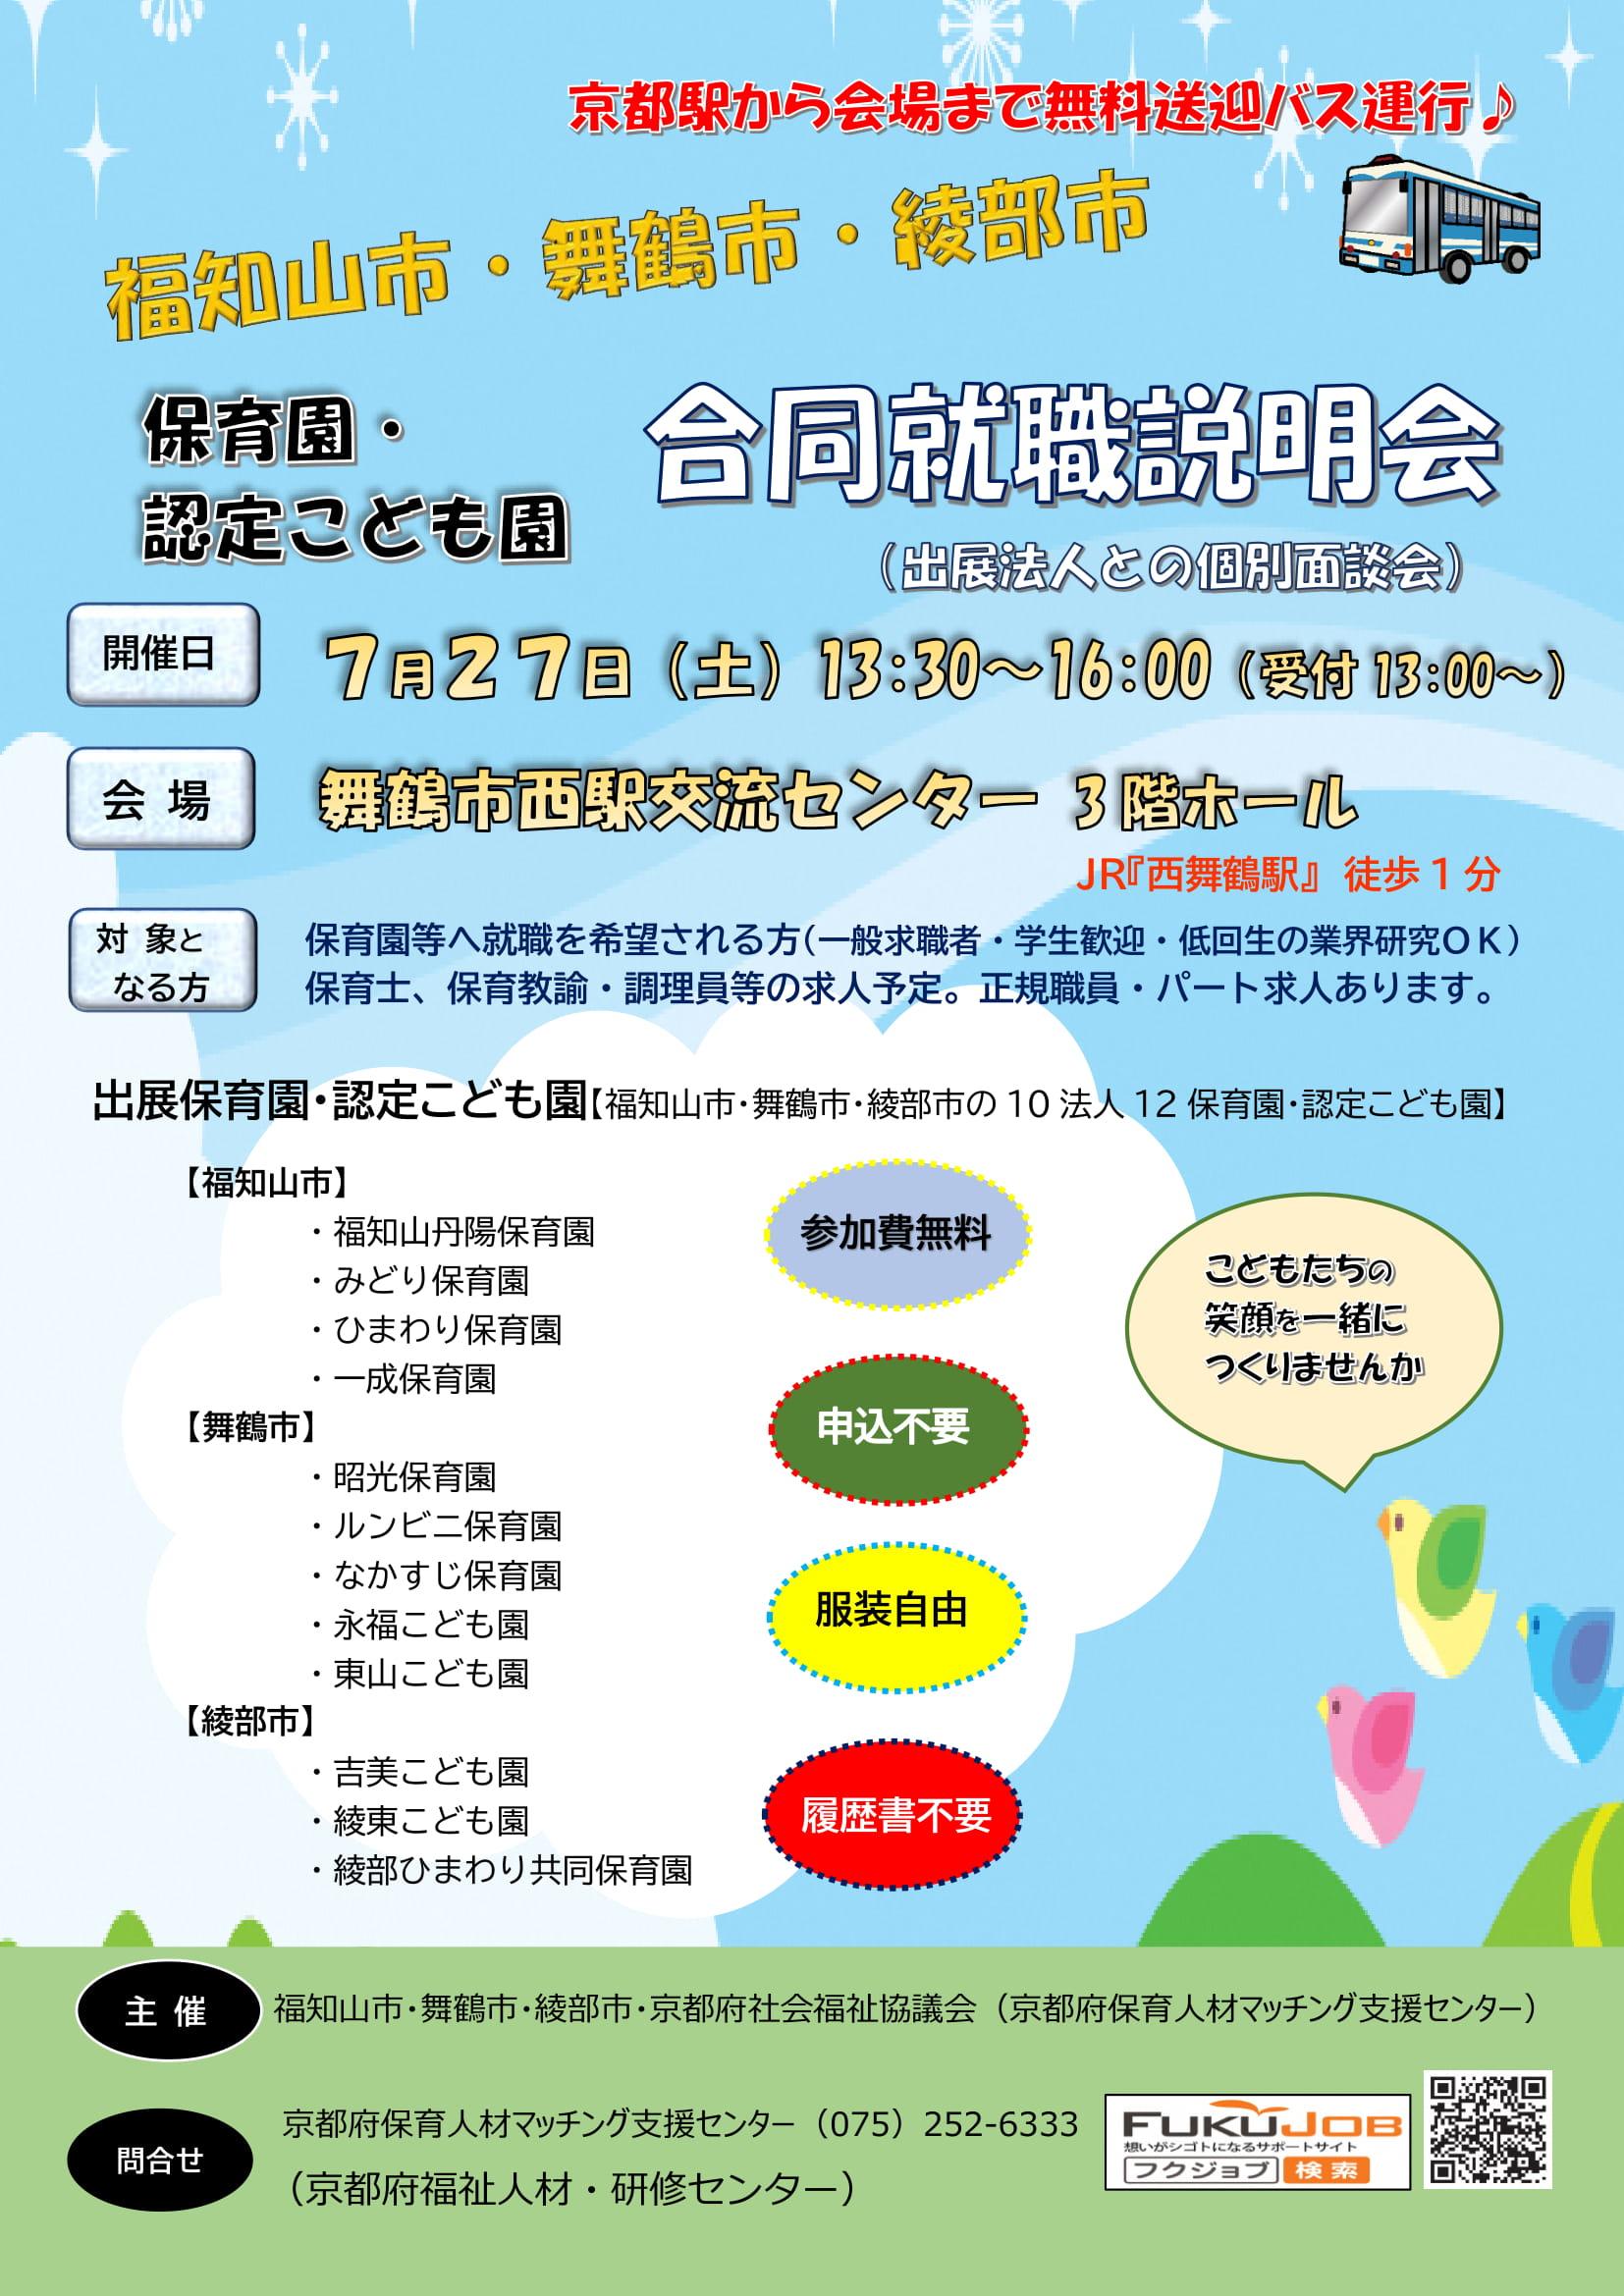 【7月27日開催】福知山市・舞鶴市・綾部市地区 保育園・認定こども園合同就職説明会